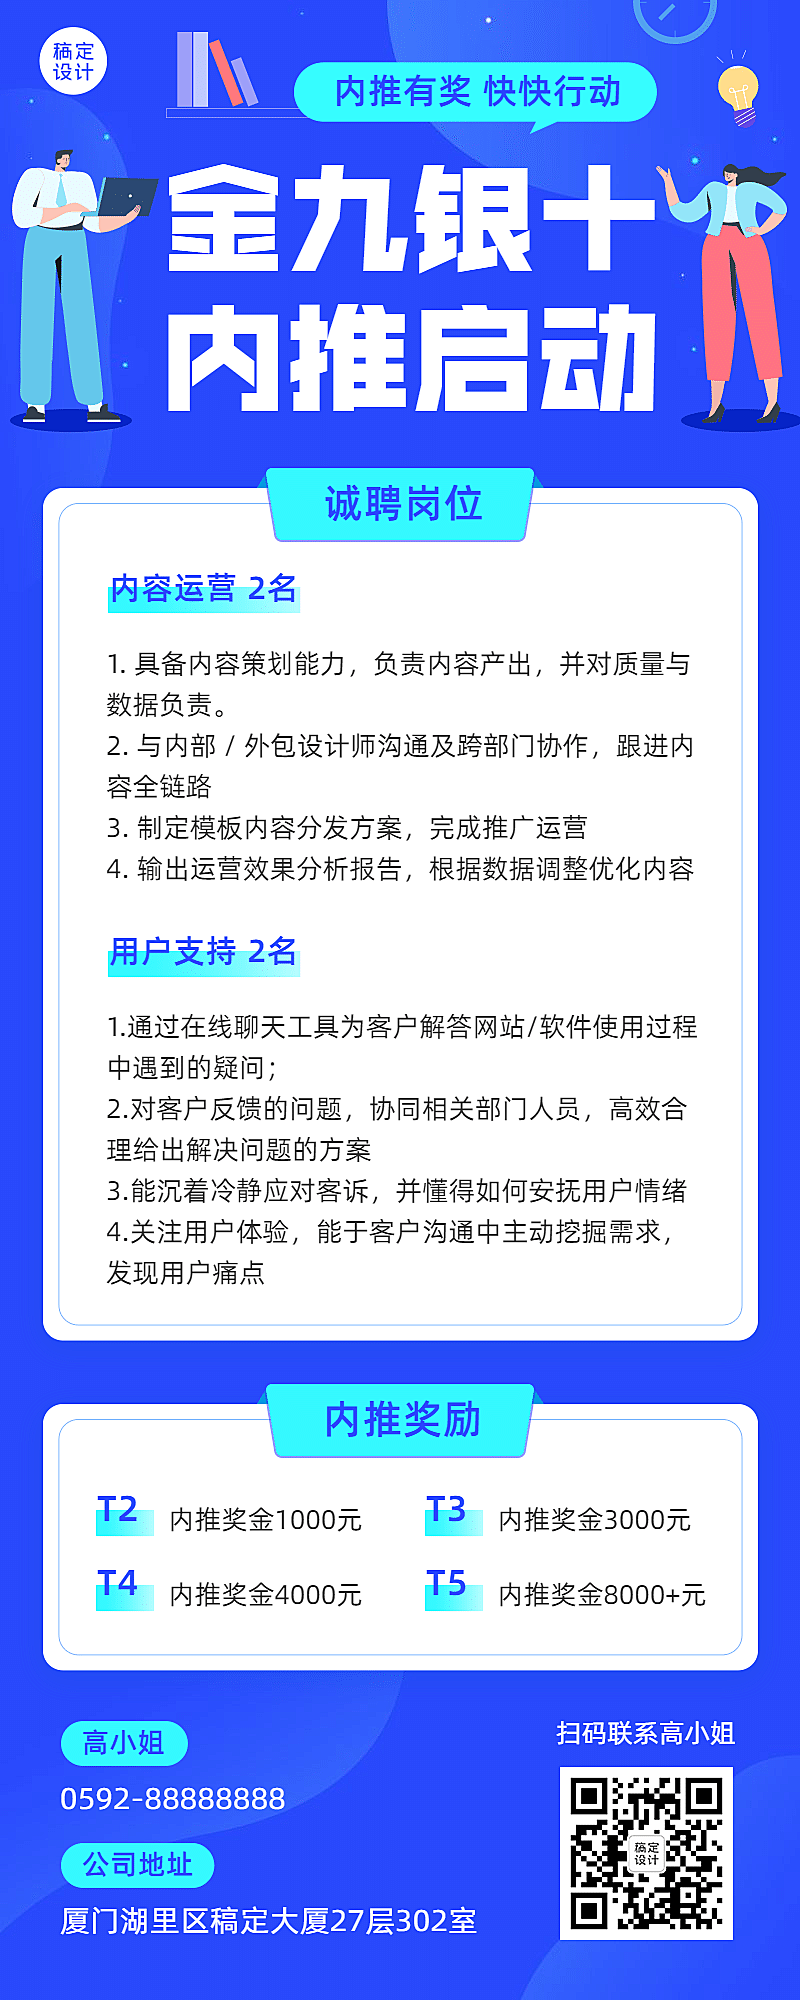 企业秋招内推通知长图海报